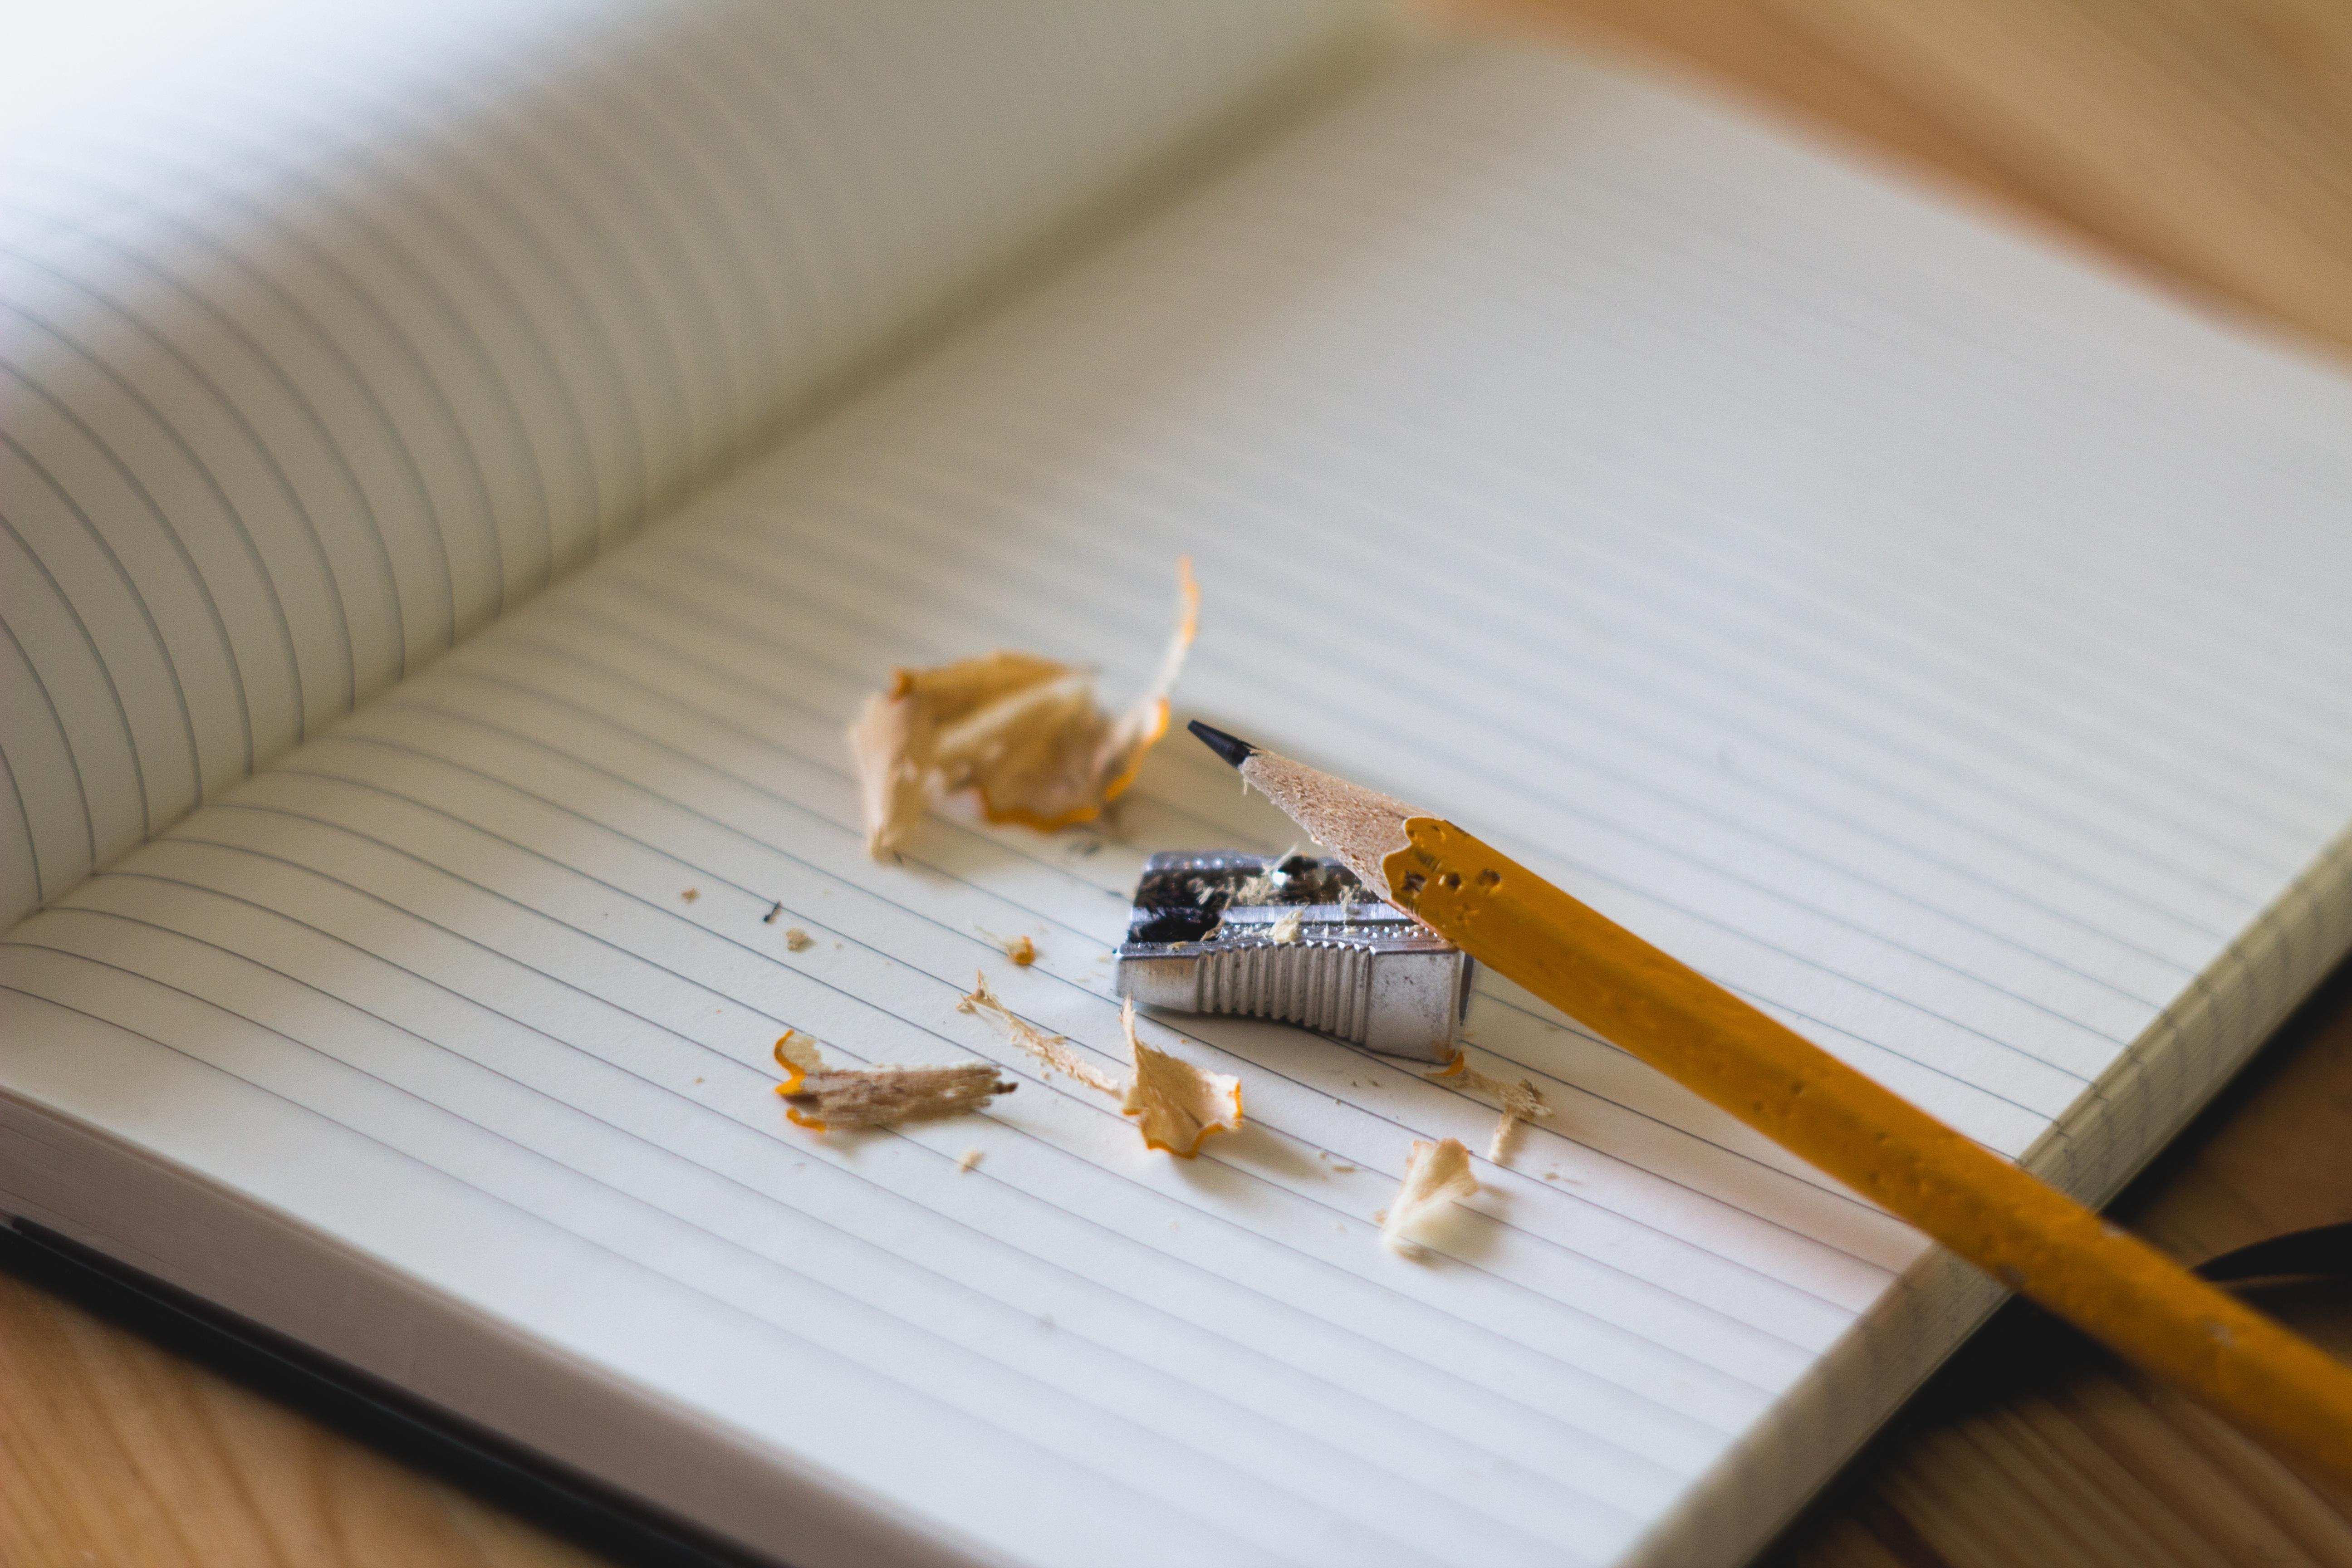 buku catatan penulisan tangan pensil kayu kantor kertas pendidikan menulis makanan Asia seni Desain kertas surat